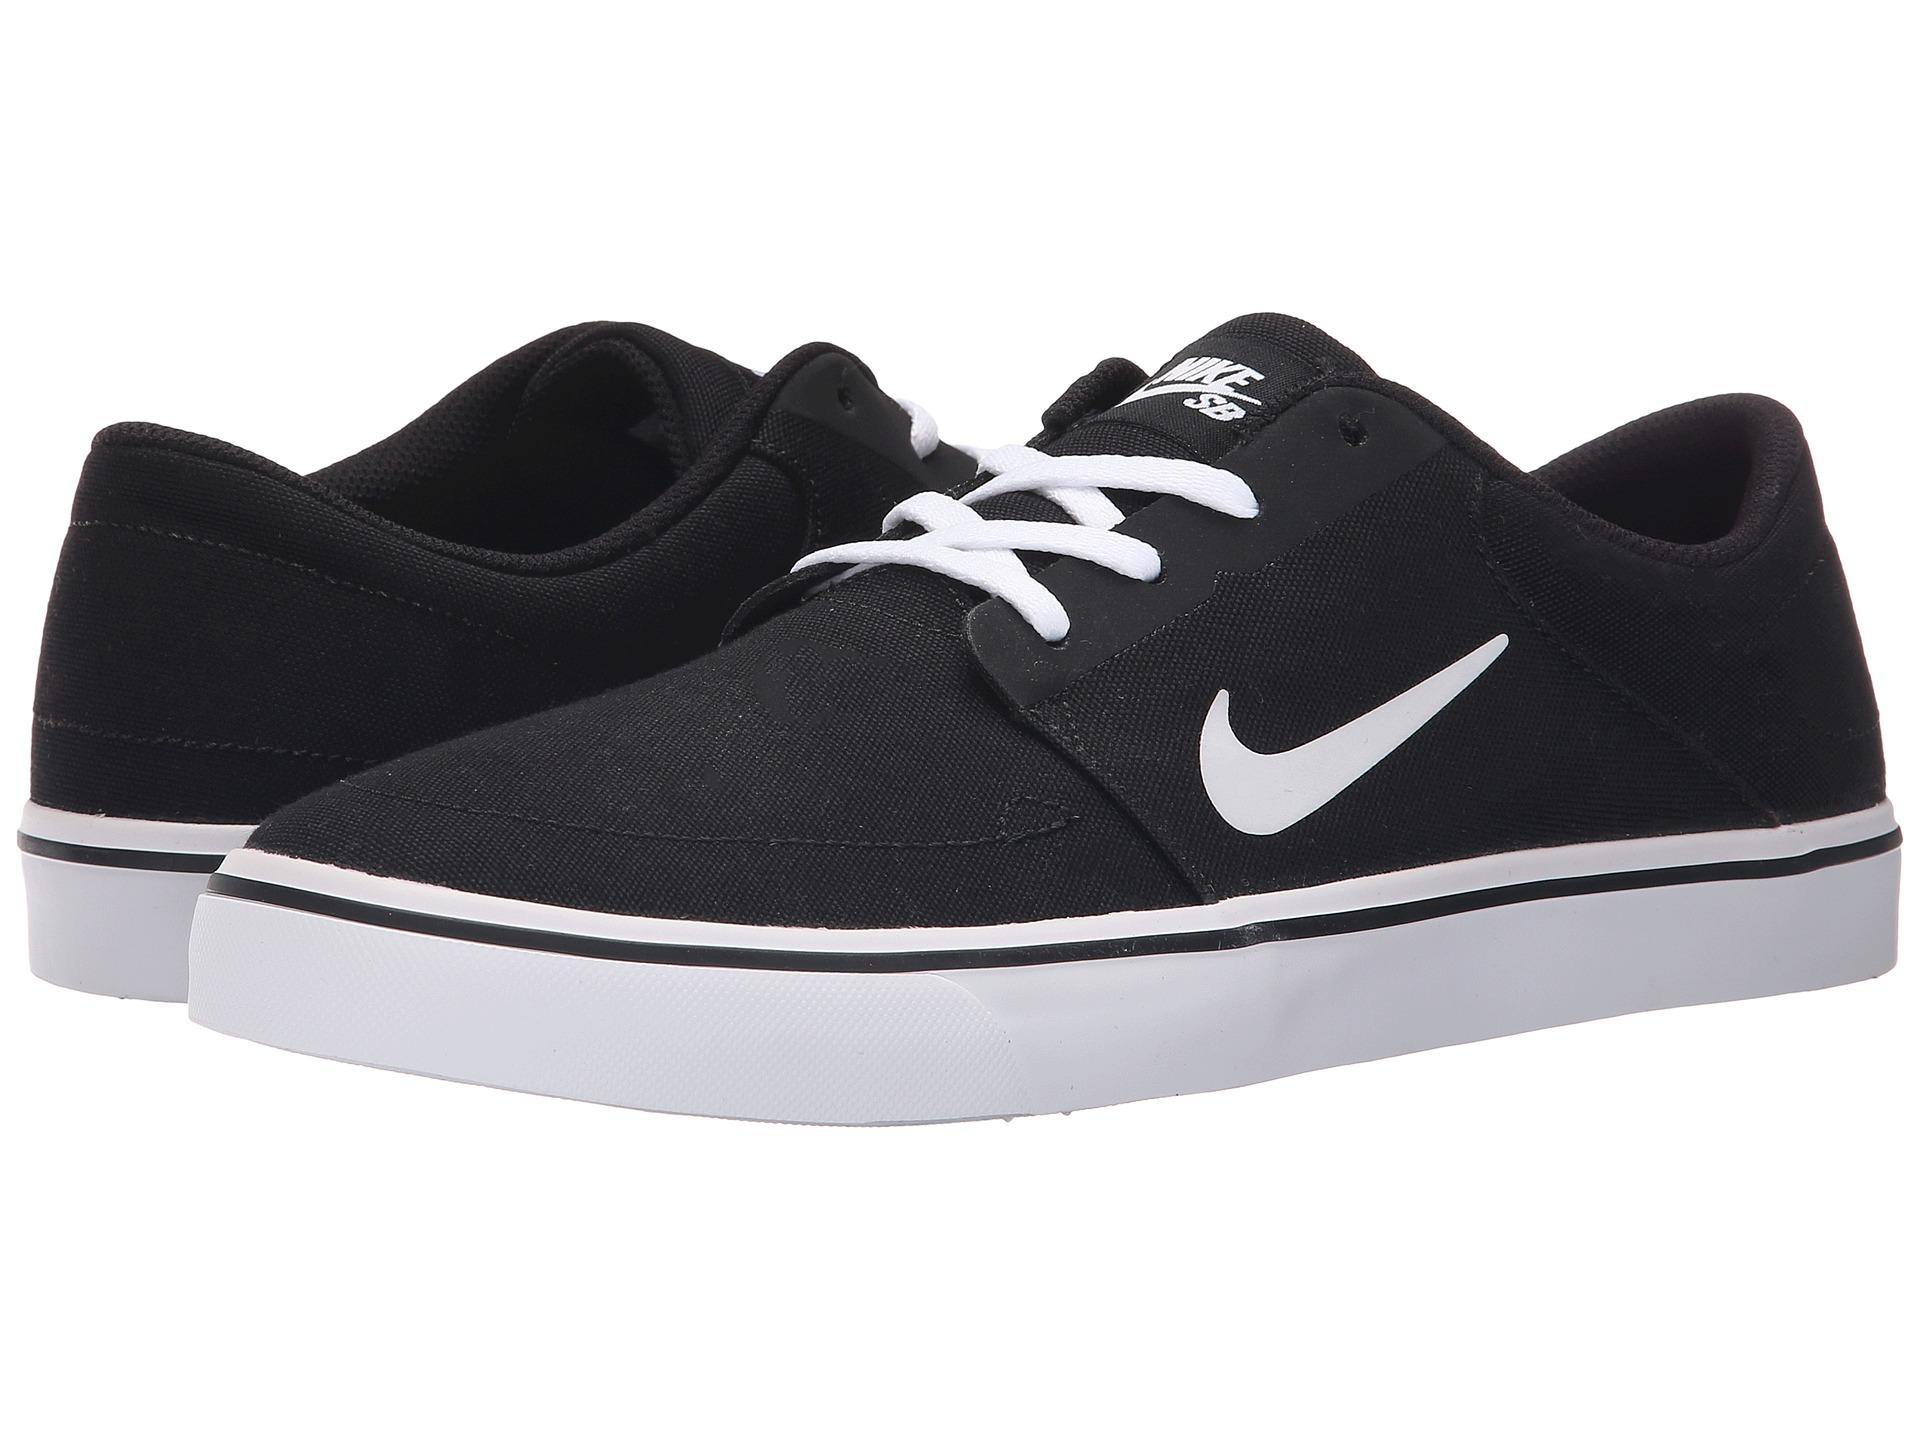 Nike Sb Portmore Men S Shoes Nike Sb Portmore Men S Shoes